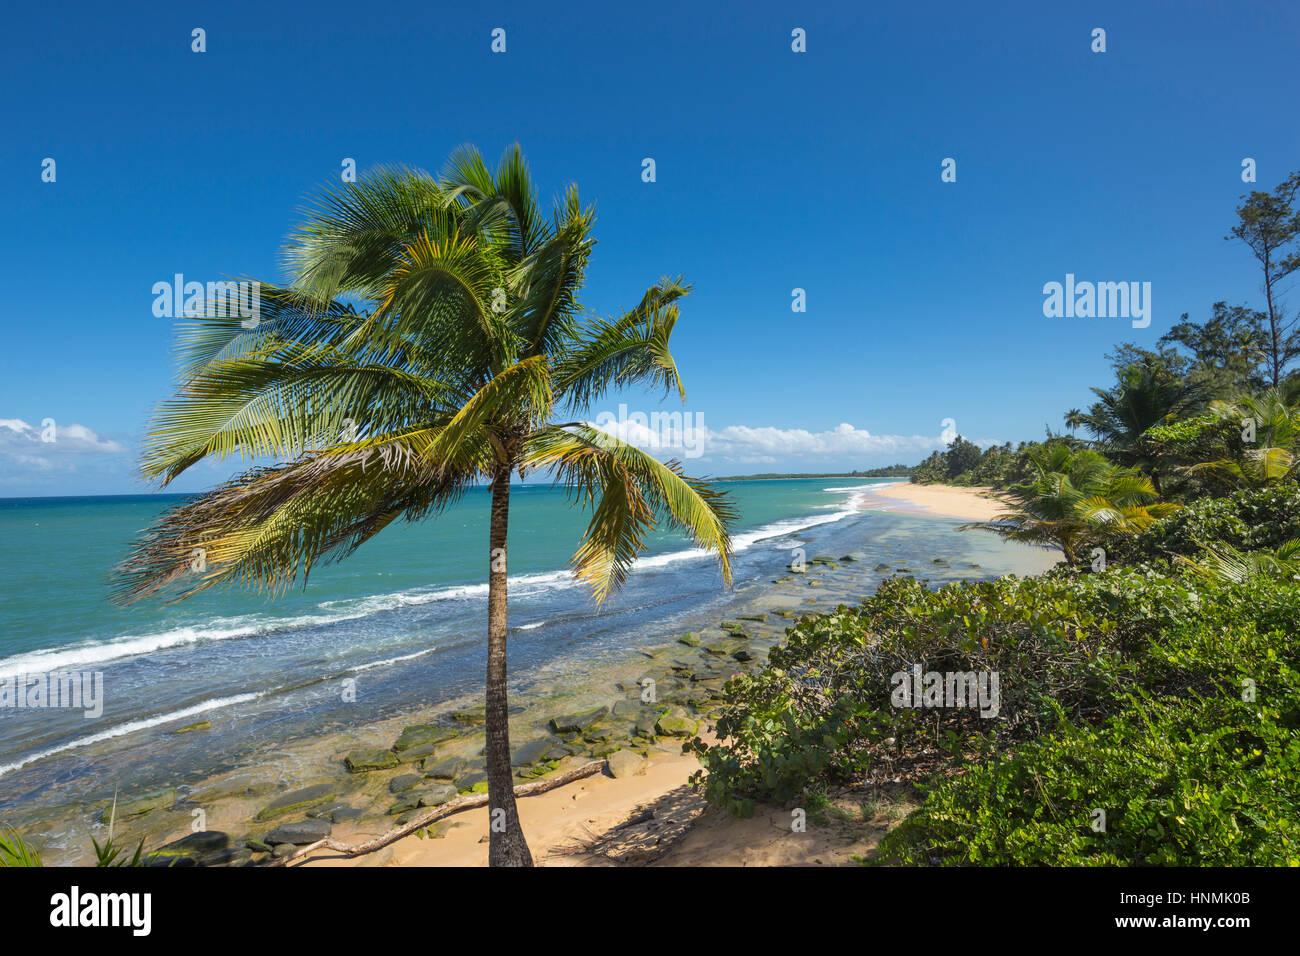 PALM TREE PLAYA PINONES BEACH LOIZA PUERTO RICO - Stock Image